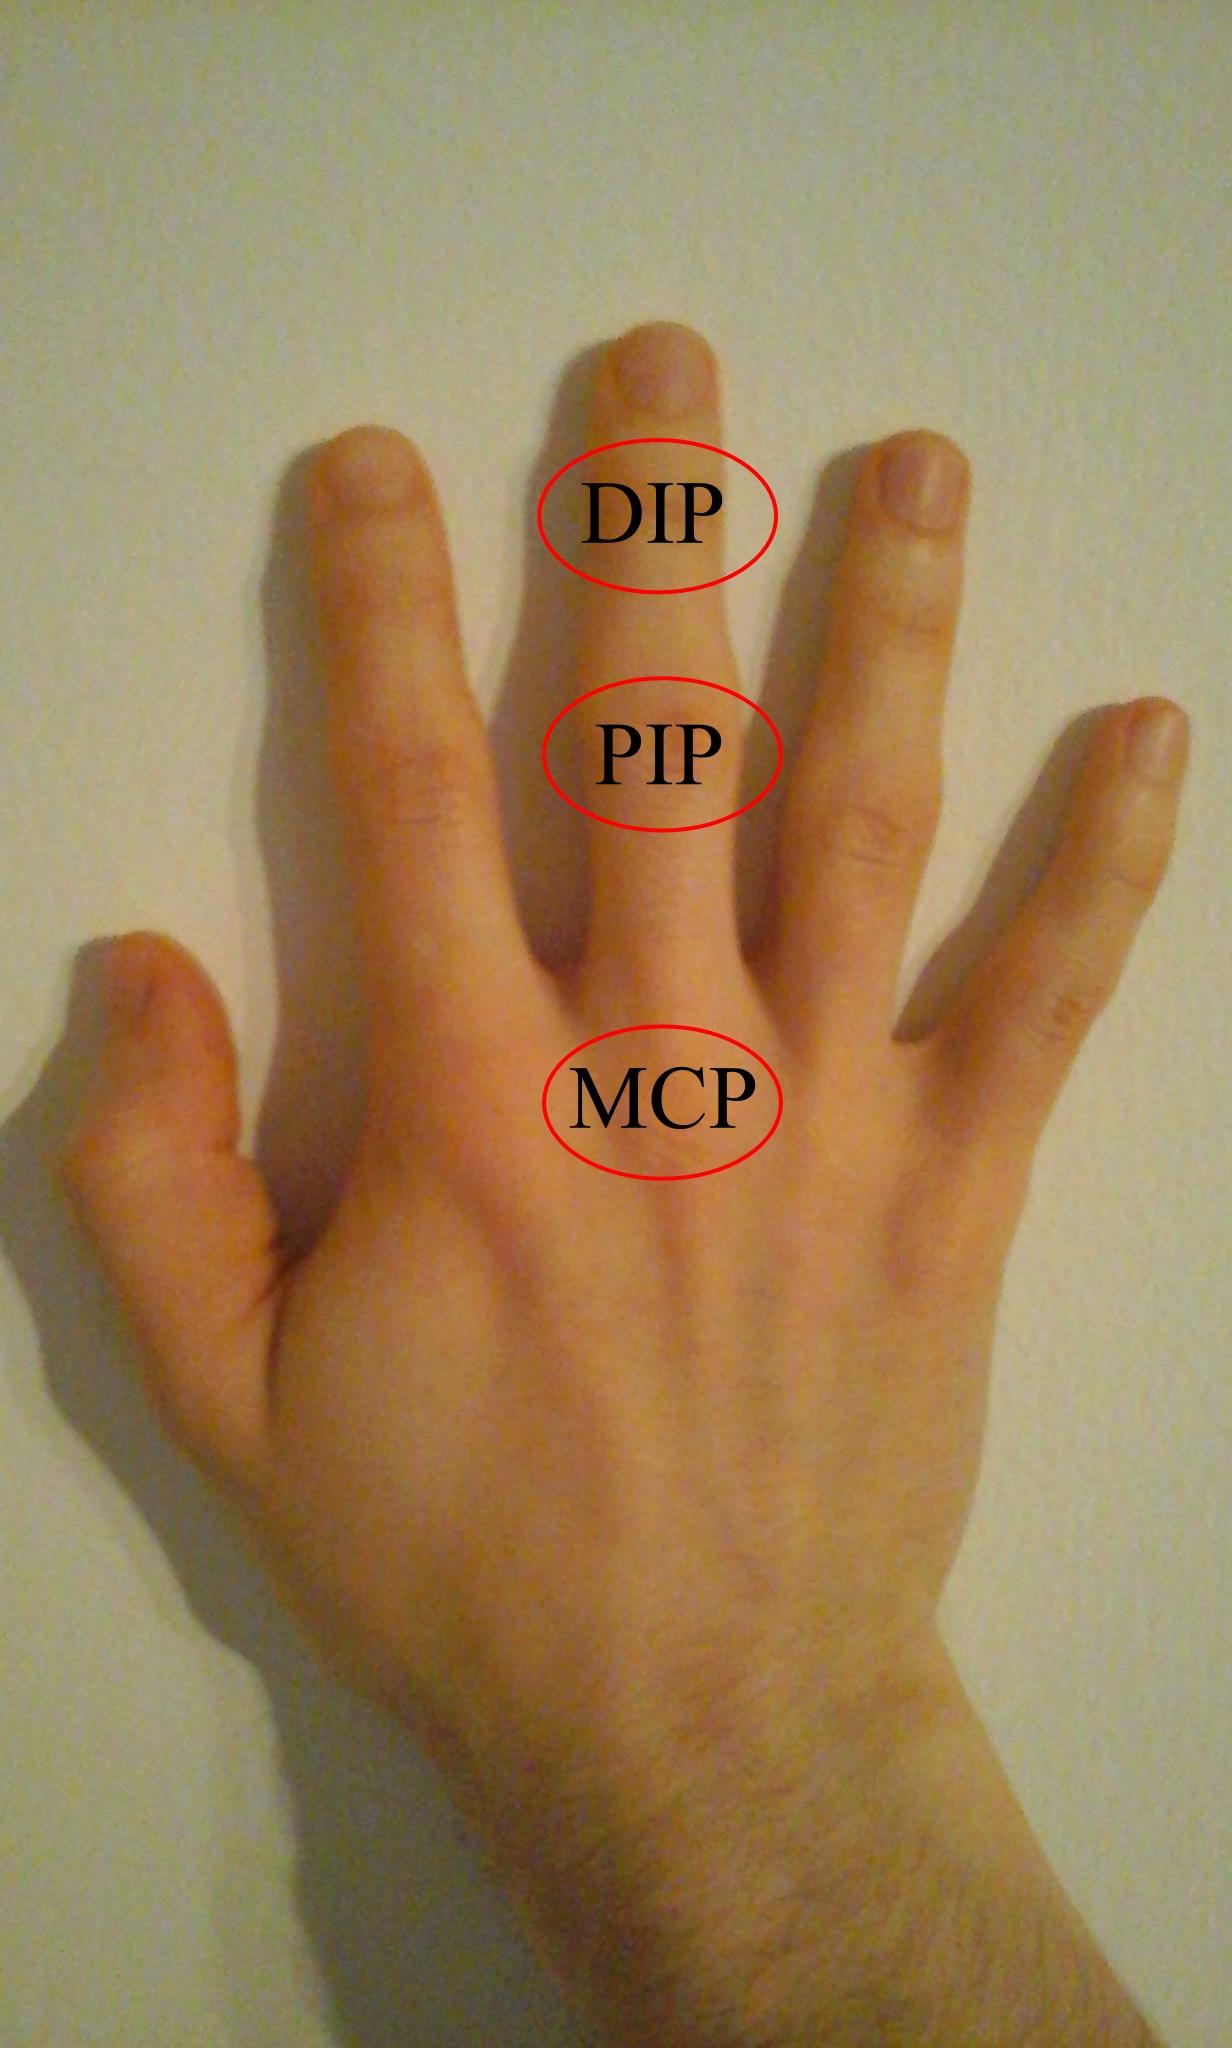 lehet e gyógyítani az ujjak ízületi gyulladását